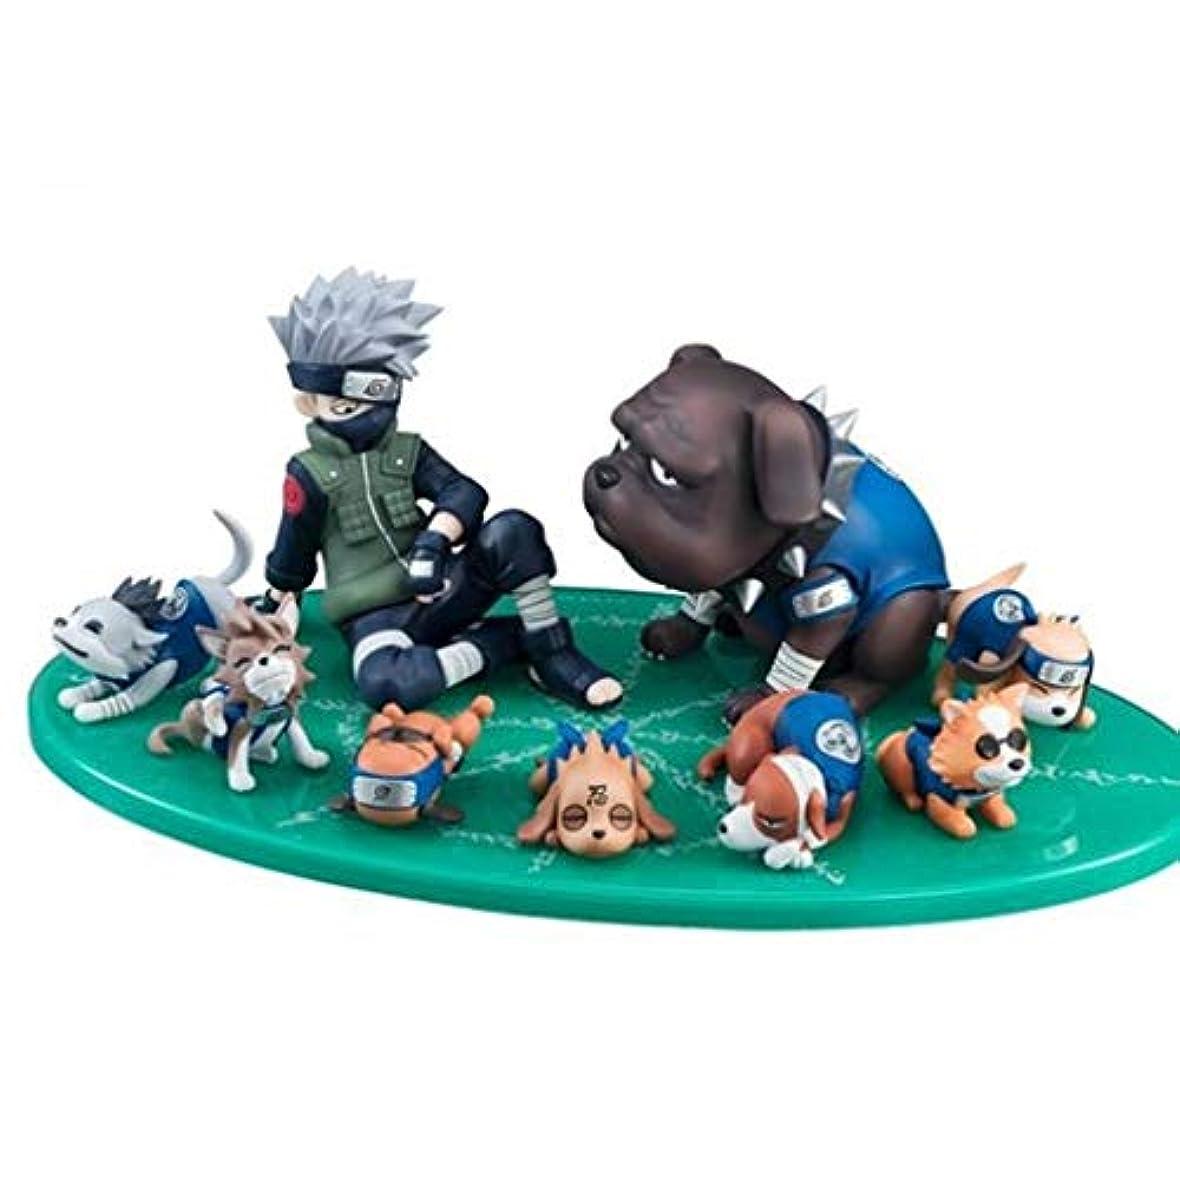 派手喜ぶスローガンカカシと子犬、フィギュア玩具コレクション像漫画のキャラクター、アニメナルトモデル、アニメ装飾キャラクター彫刻(9cm) SHWSM